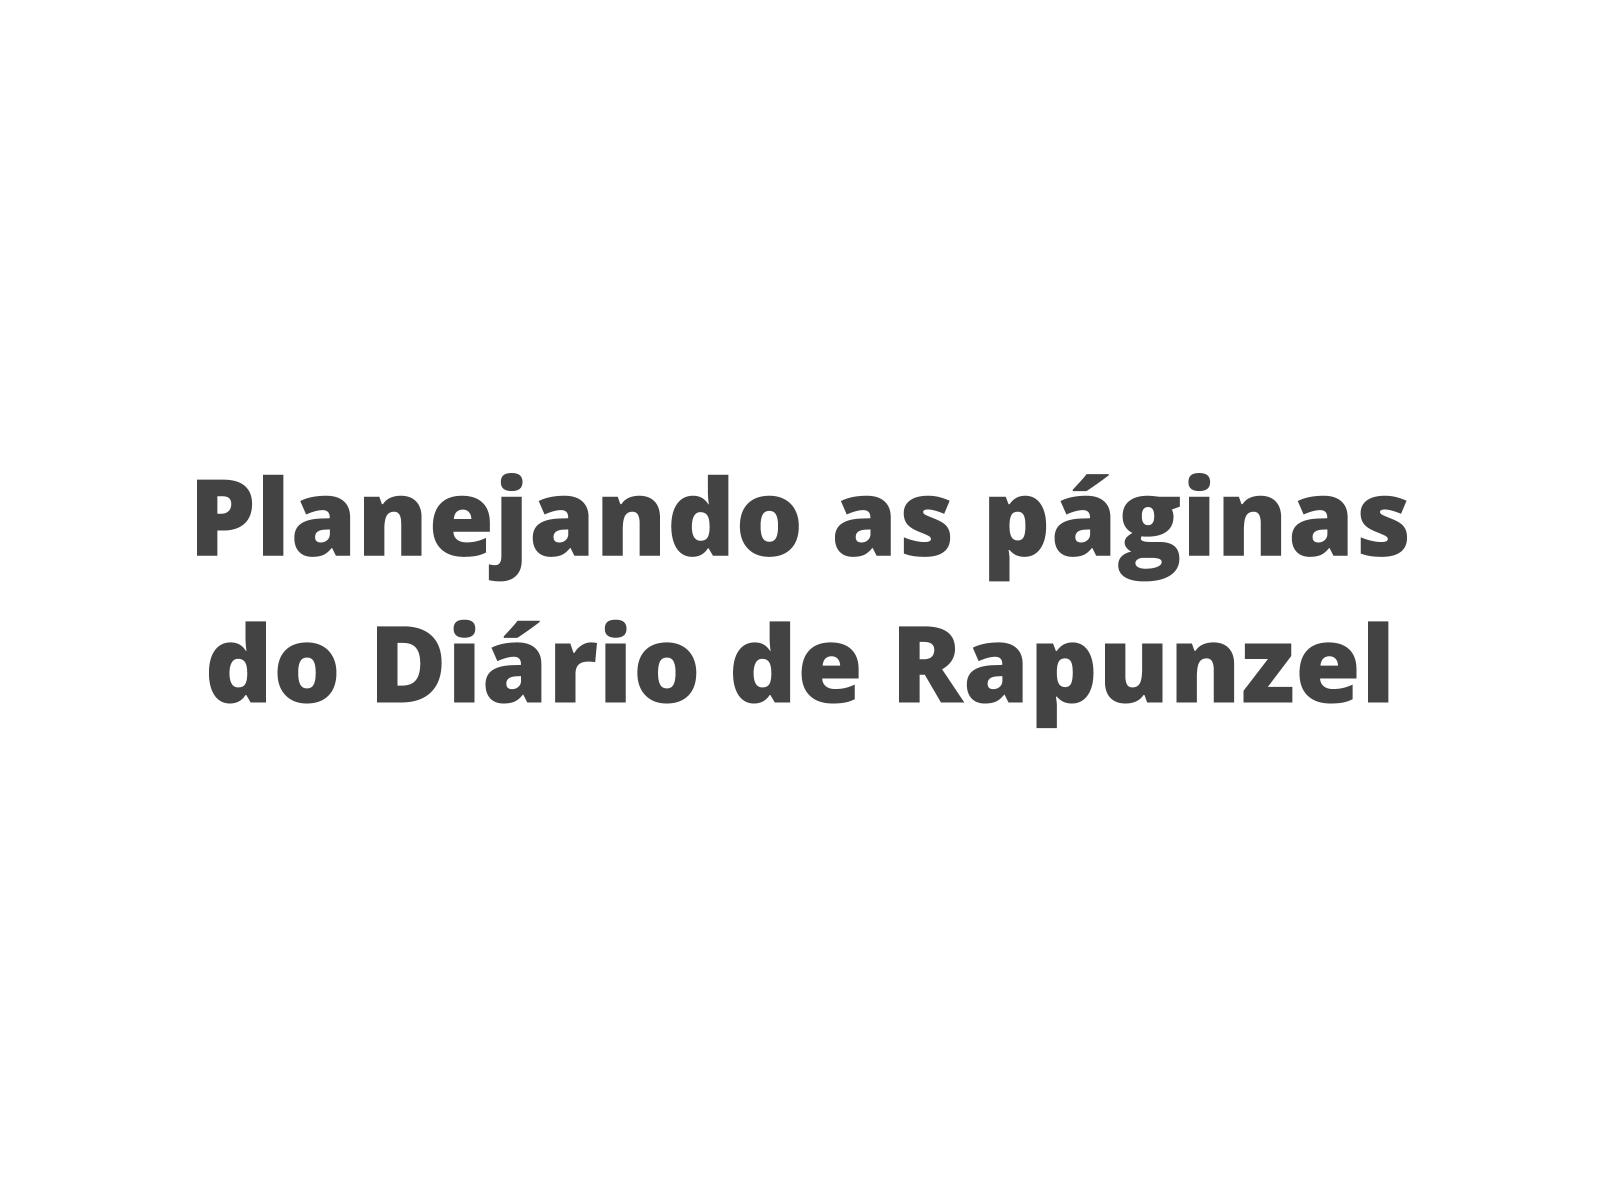 Diário: planejando o diário da personagem Rapunzel